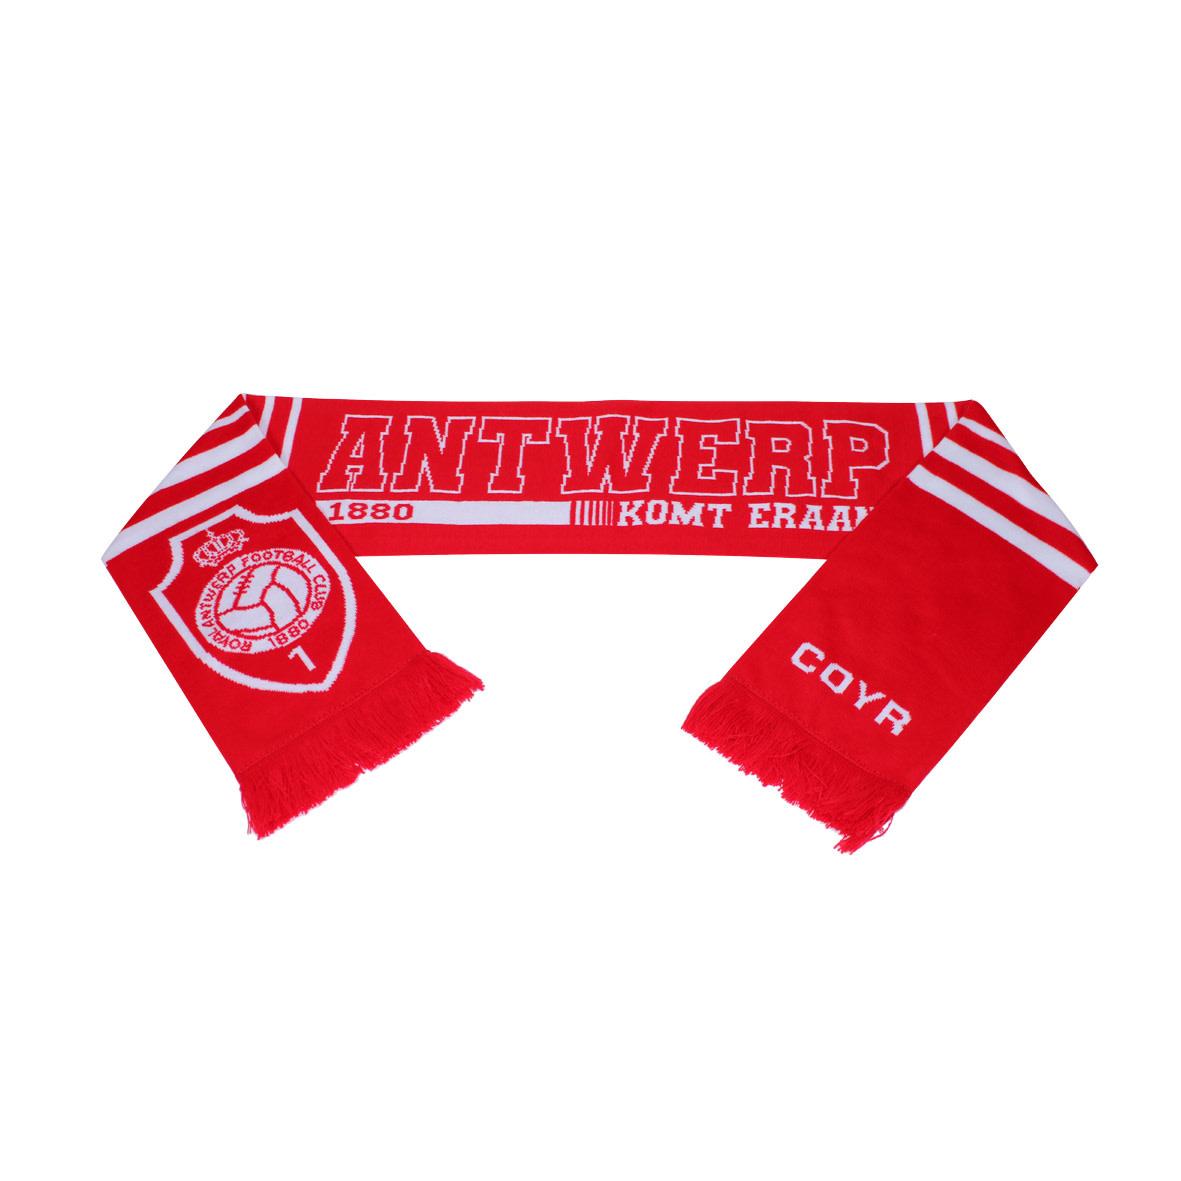 Antwerp Official Sjaal - Antwerp komt eraan - Rood/Wit-1